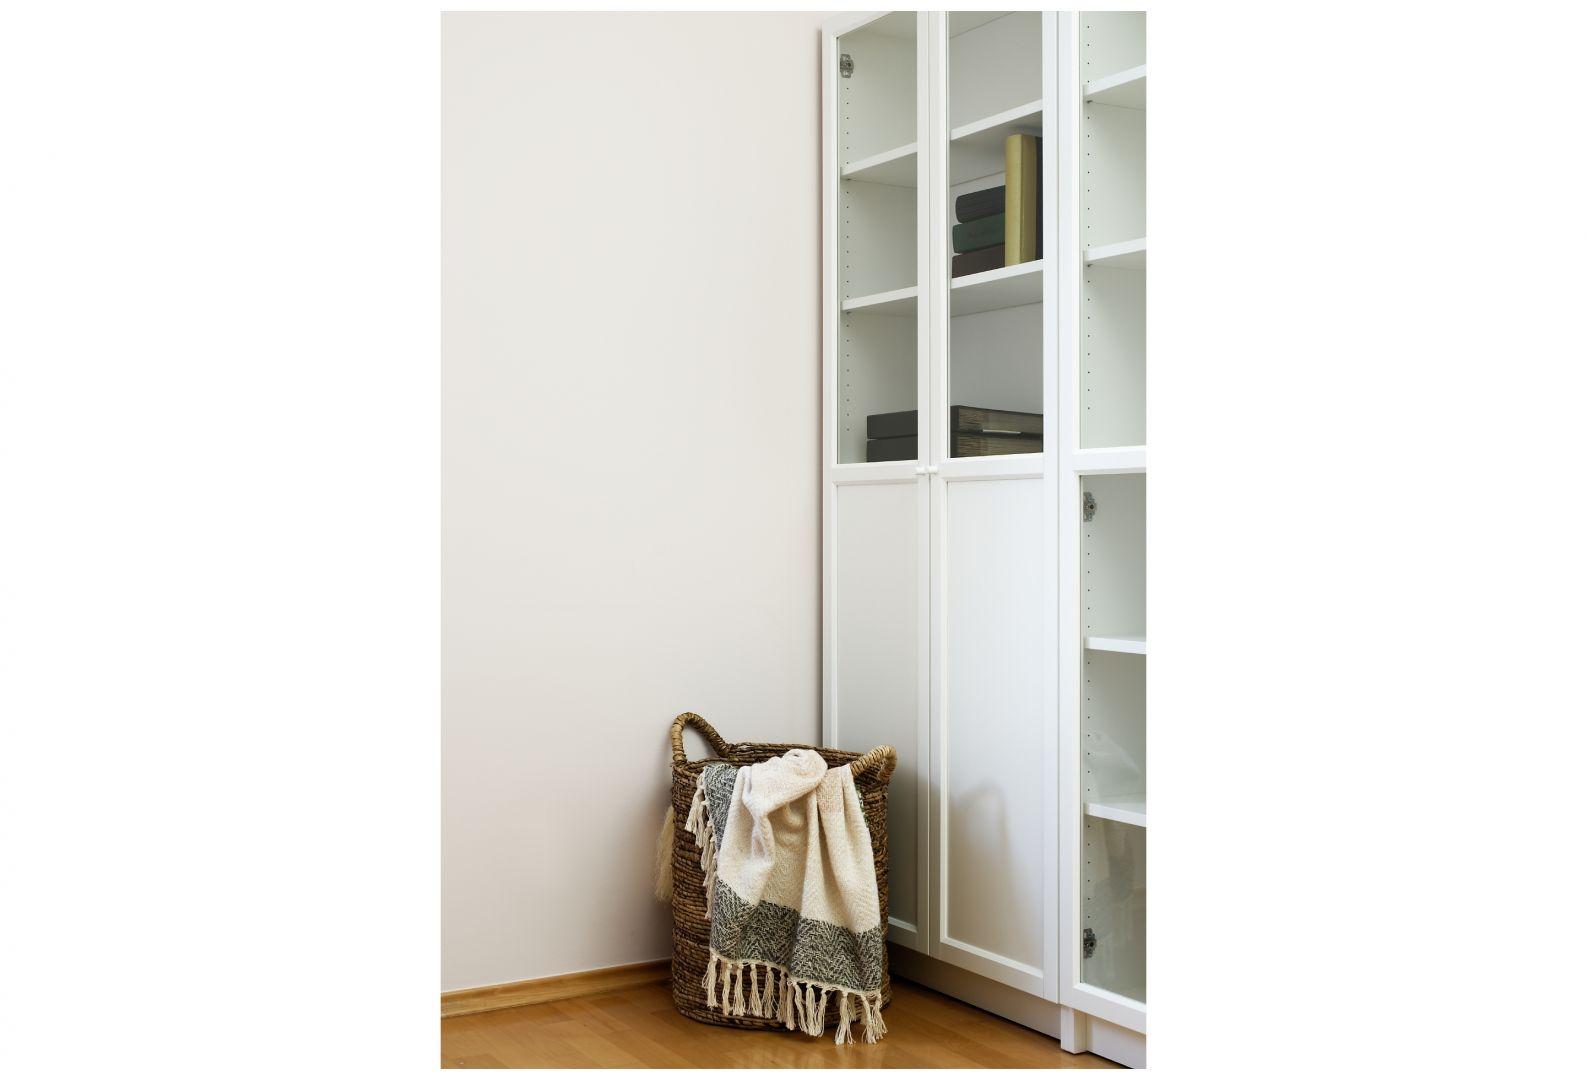 Garderobę w sypialni stanowi  biała szafa z gustownymi uchwytami, natomiast akcesoria i dodatki zostały umieszczone w częściowo oszklonych regałach. Projekt: Aleksandra Sowińska. Fot. Radek Słowik